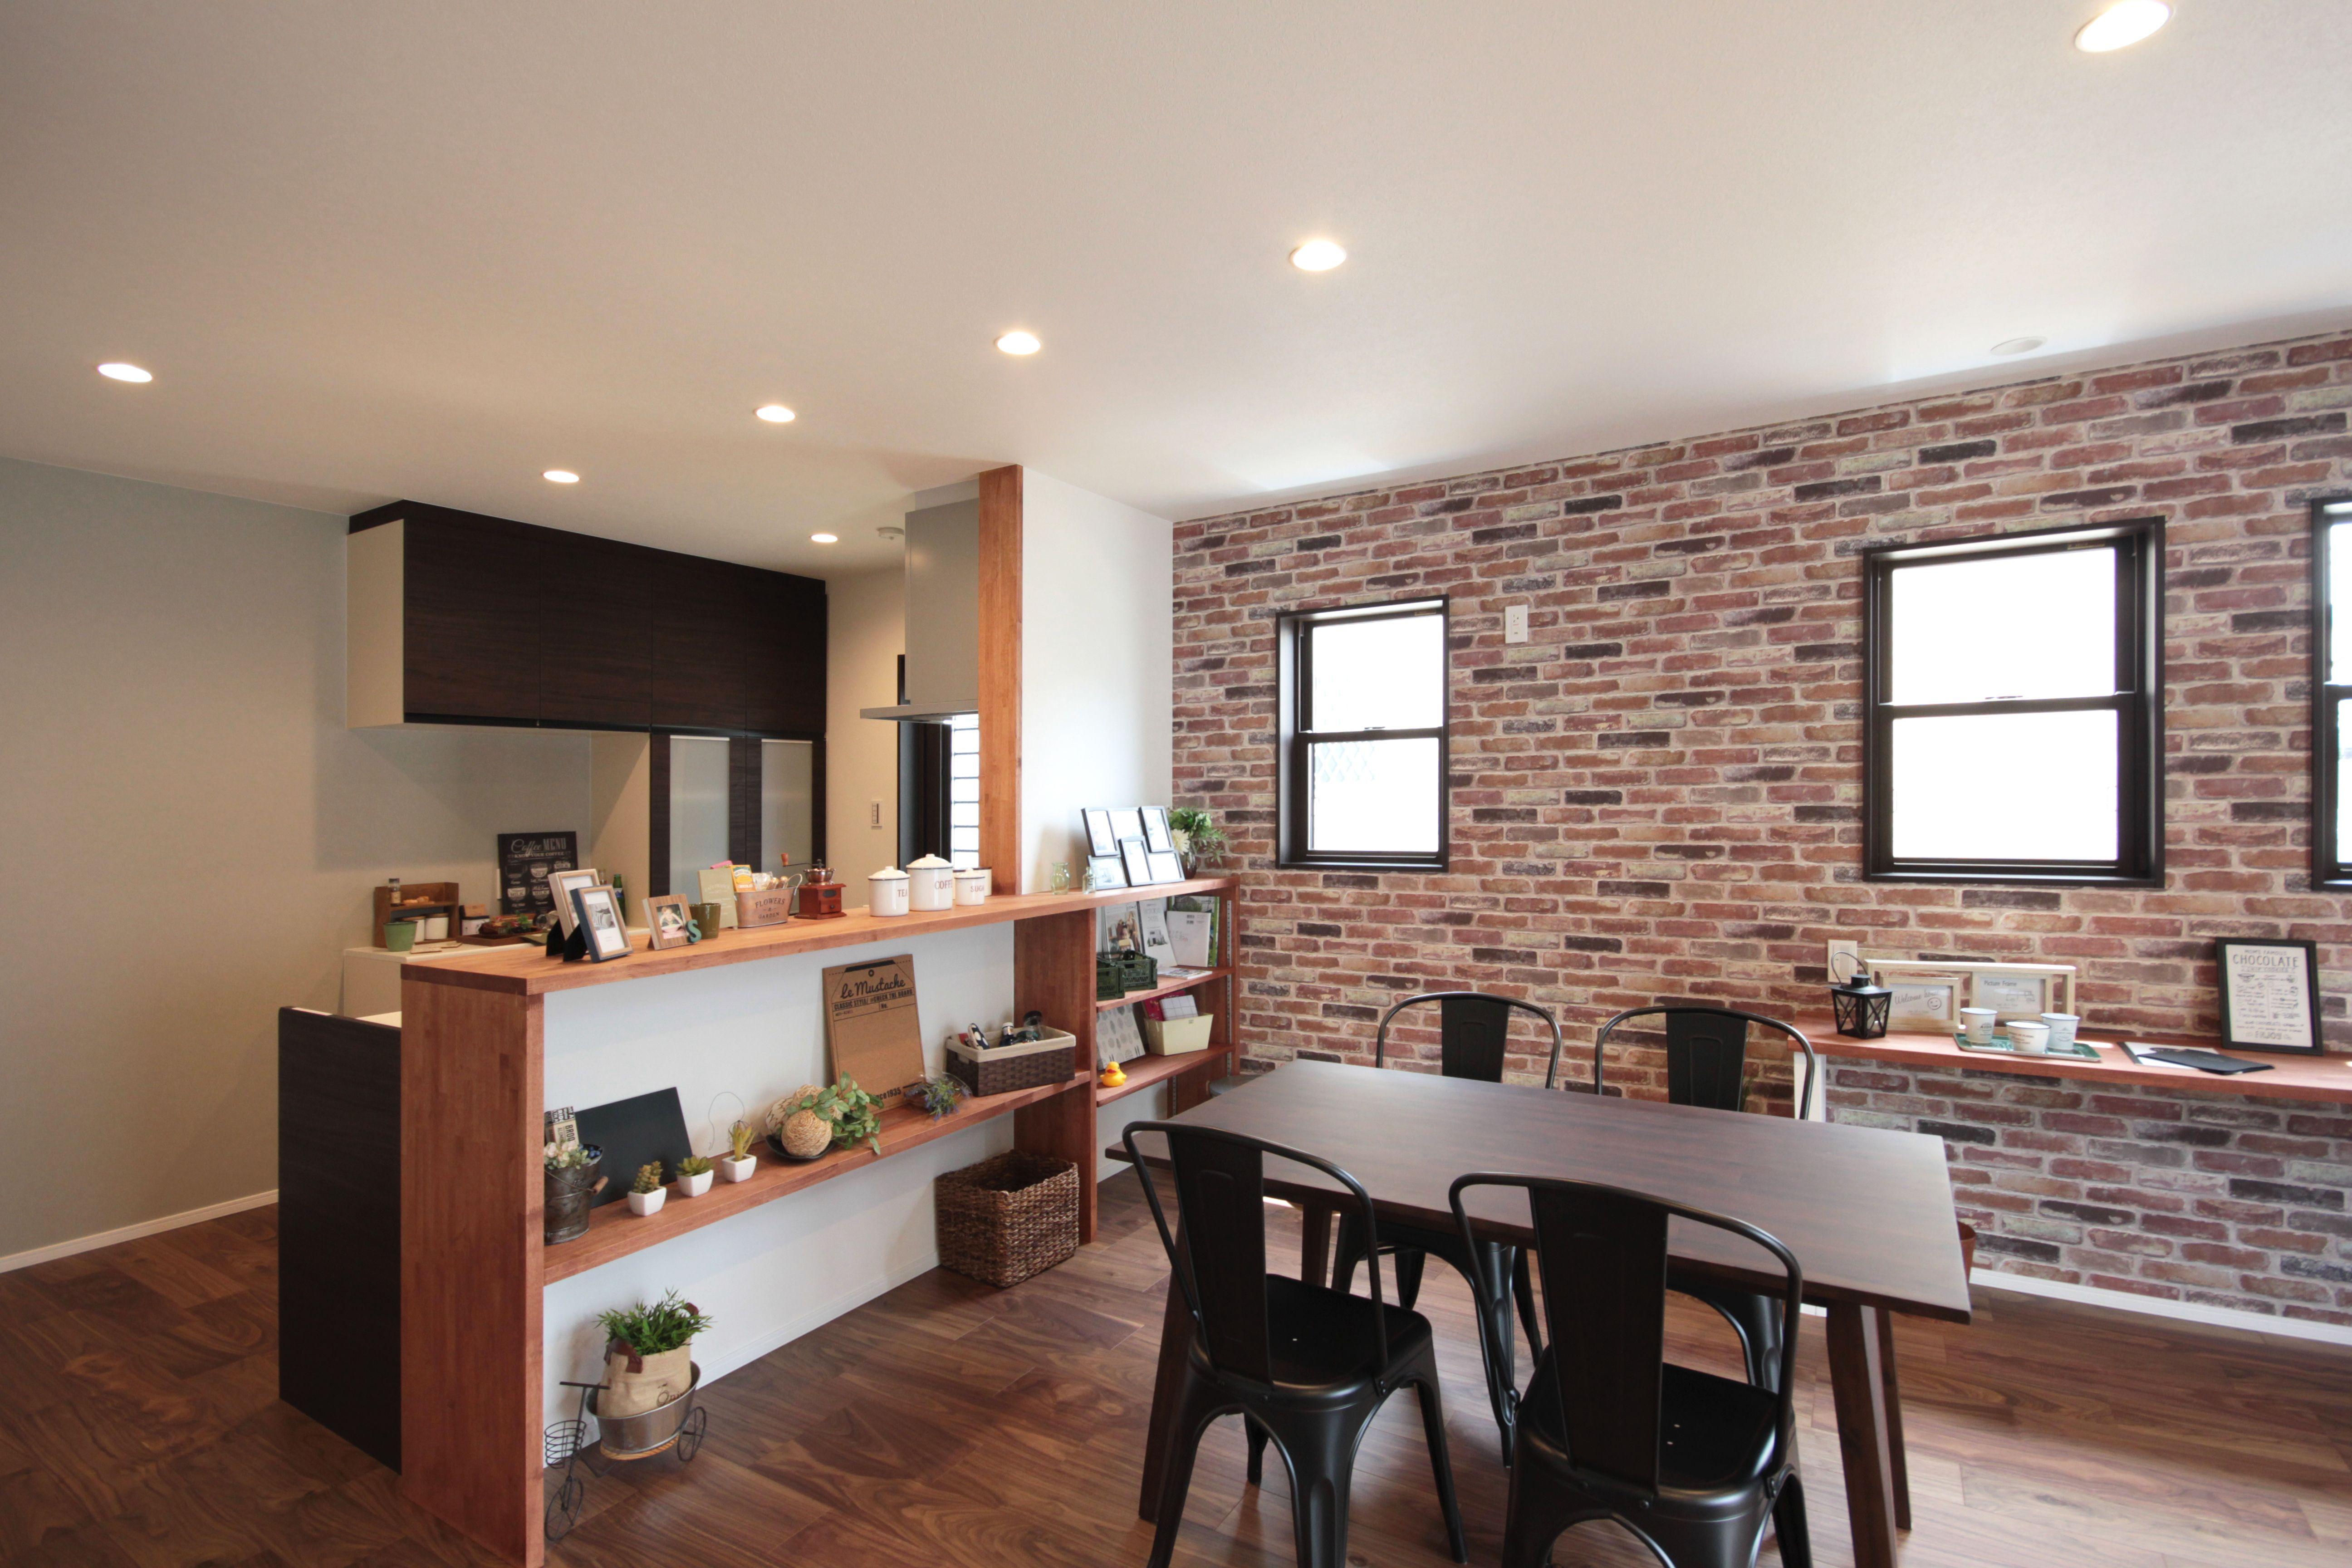 キッチンカウンター下は飾り棚 収納スペースの他 小物を飾ればお部屋